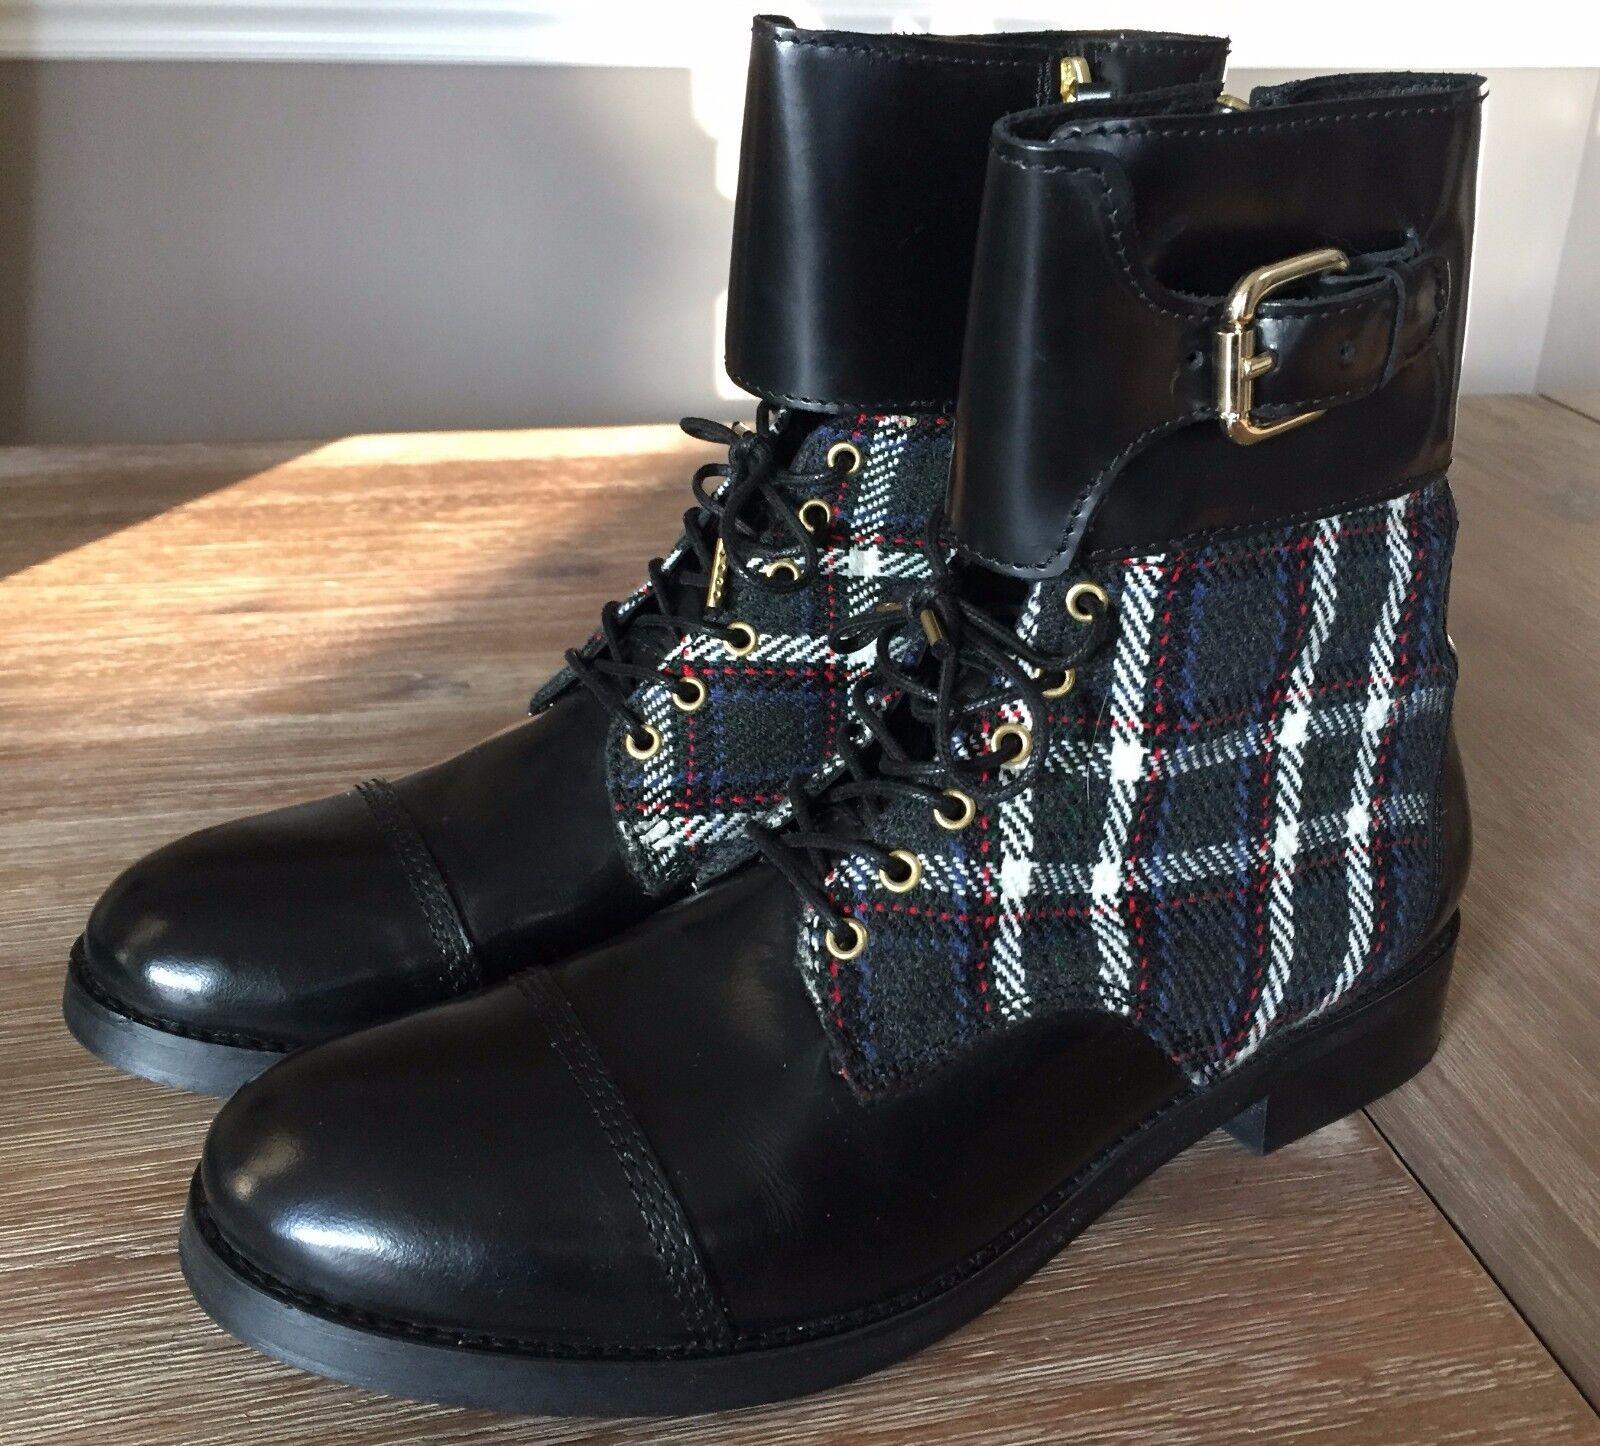 DIESEL ANKLE COMBAT BOOTS - EUC Size 41 Retail